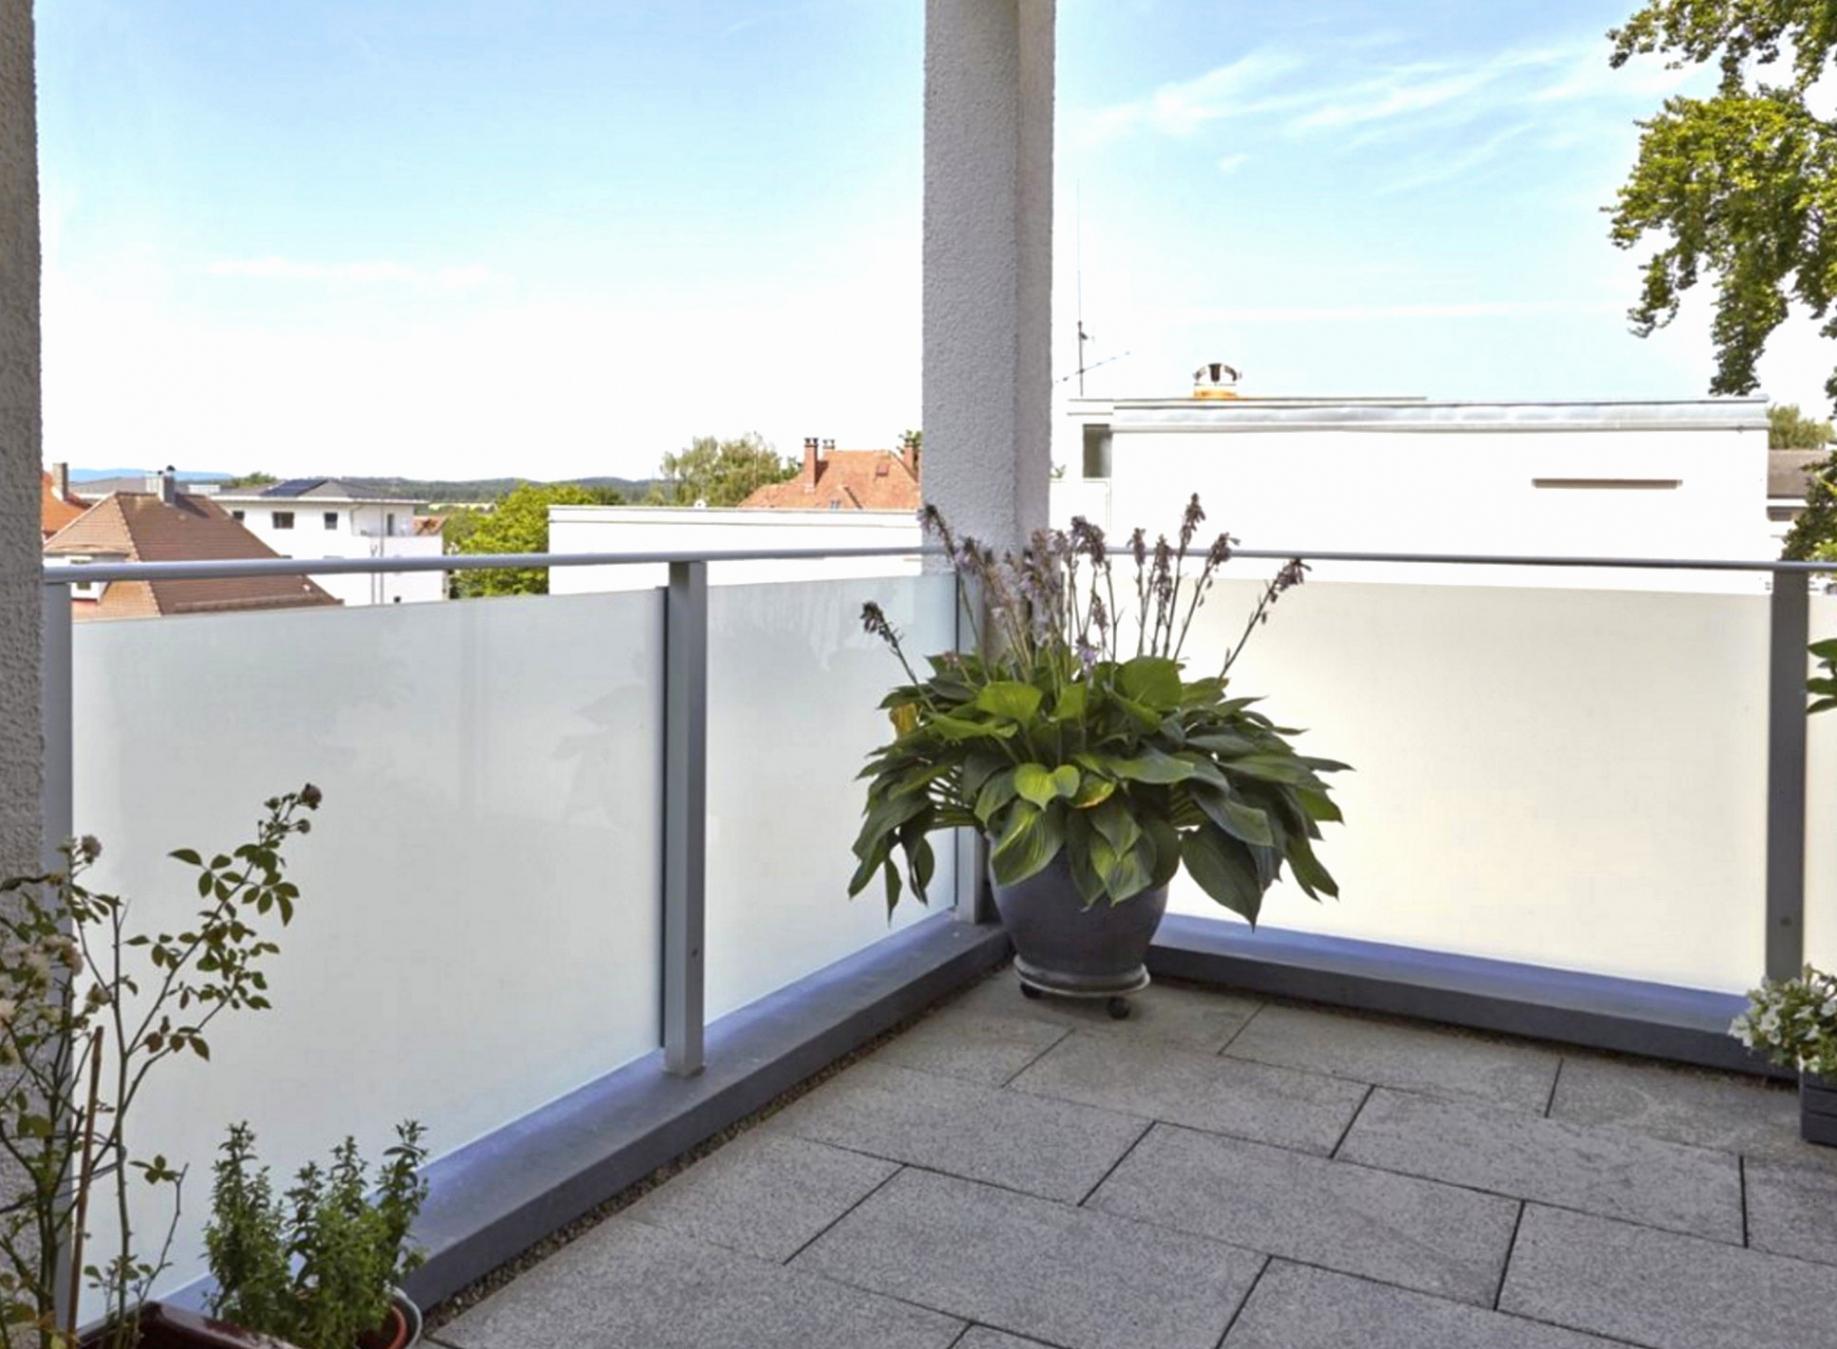 balkon ideen selber machen neu garten deko ideen zum selber machen garten deko ideen selbermachen garten deko ideen selbermachen